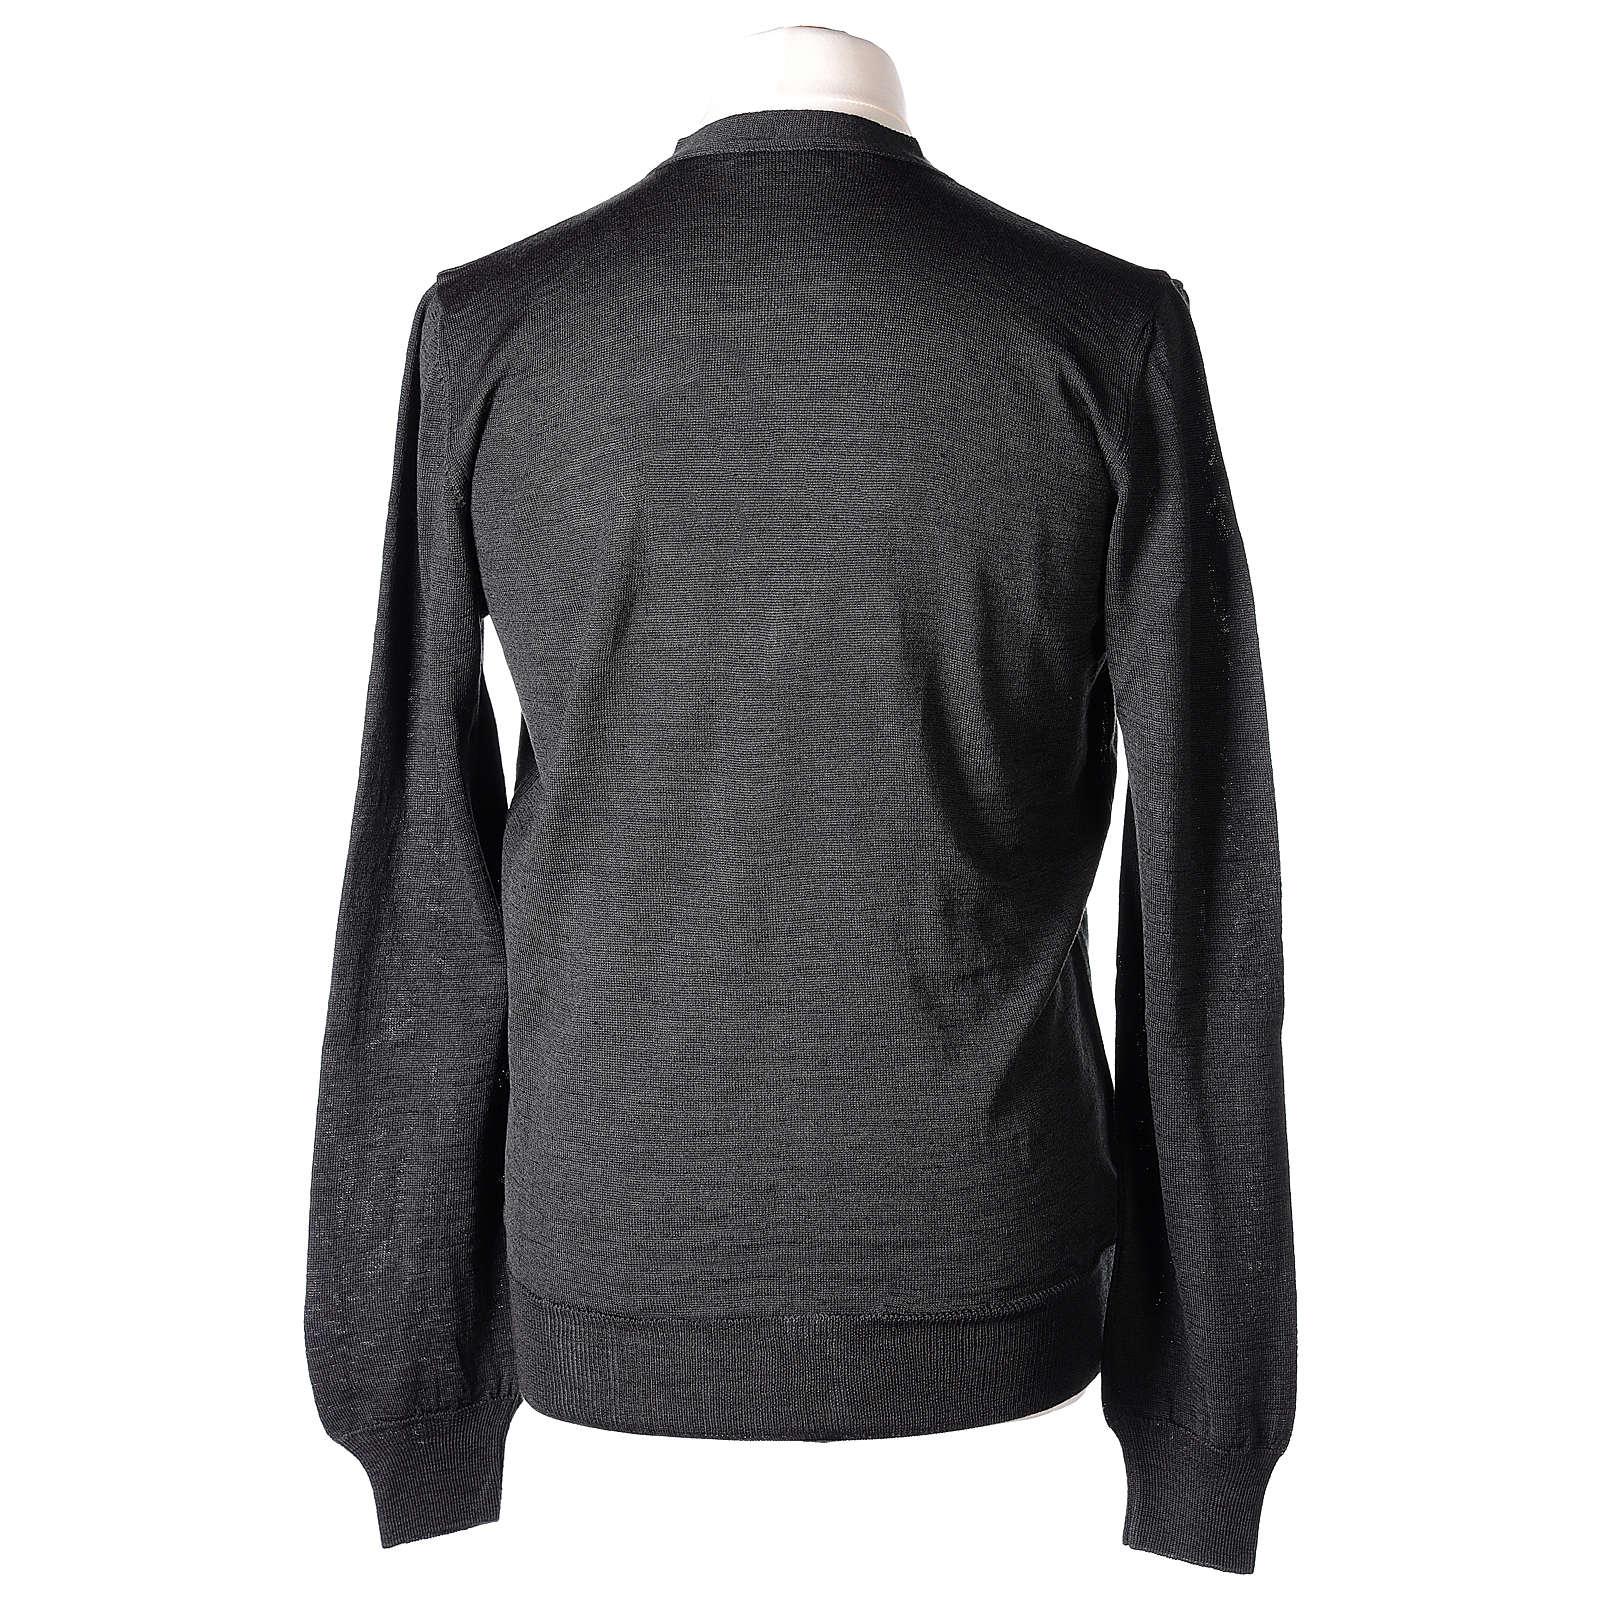 Gilet prêtre gris jersey simple 50% acrylique 50% laine mérinos In Primis 4